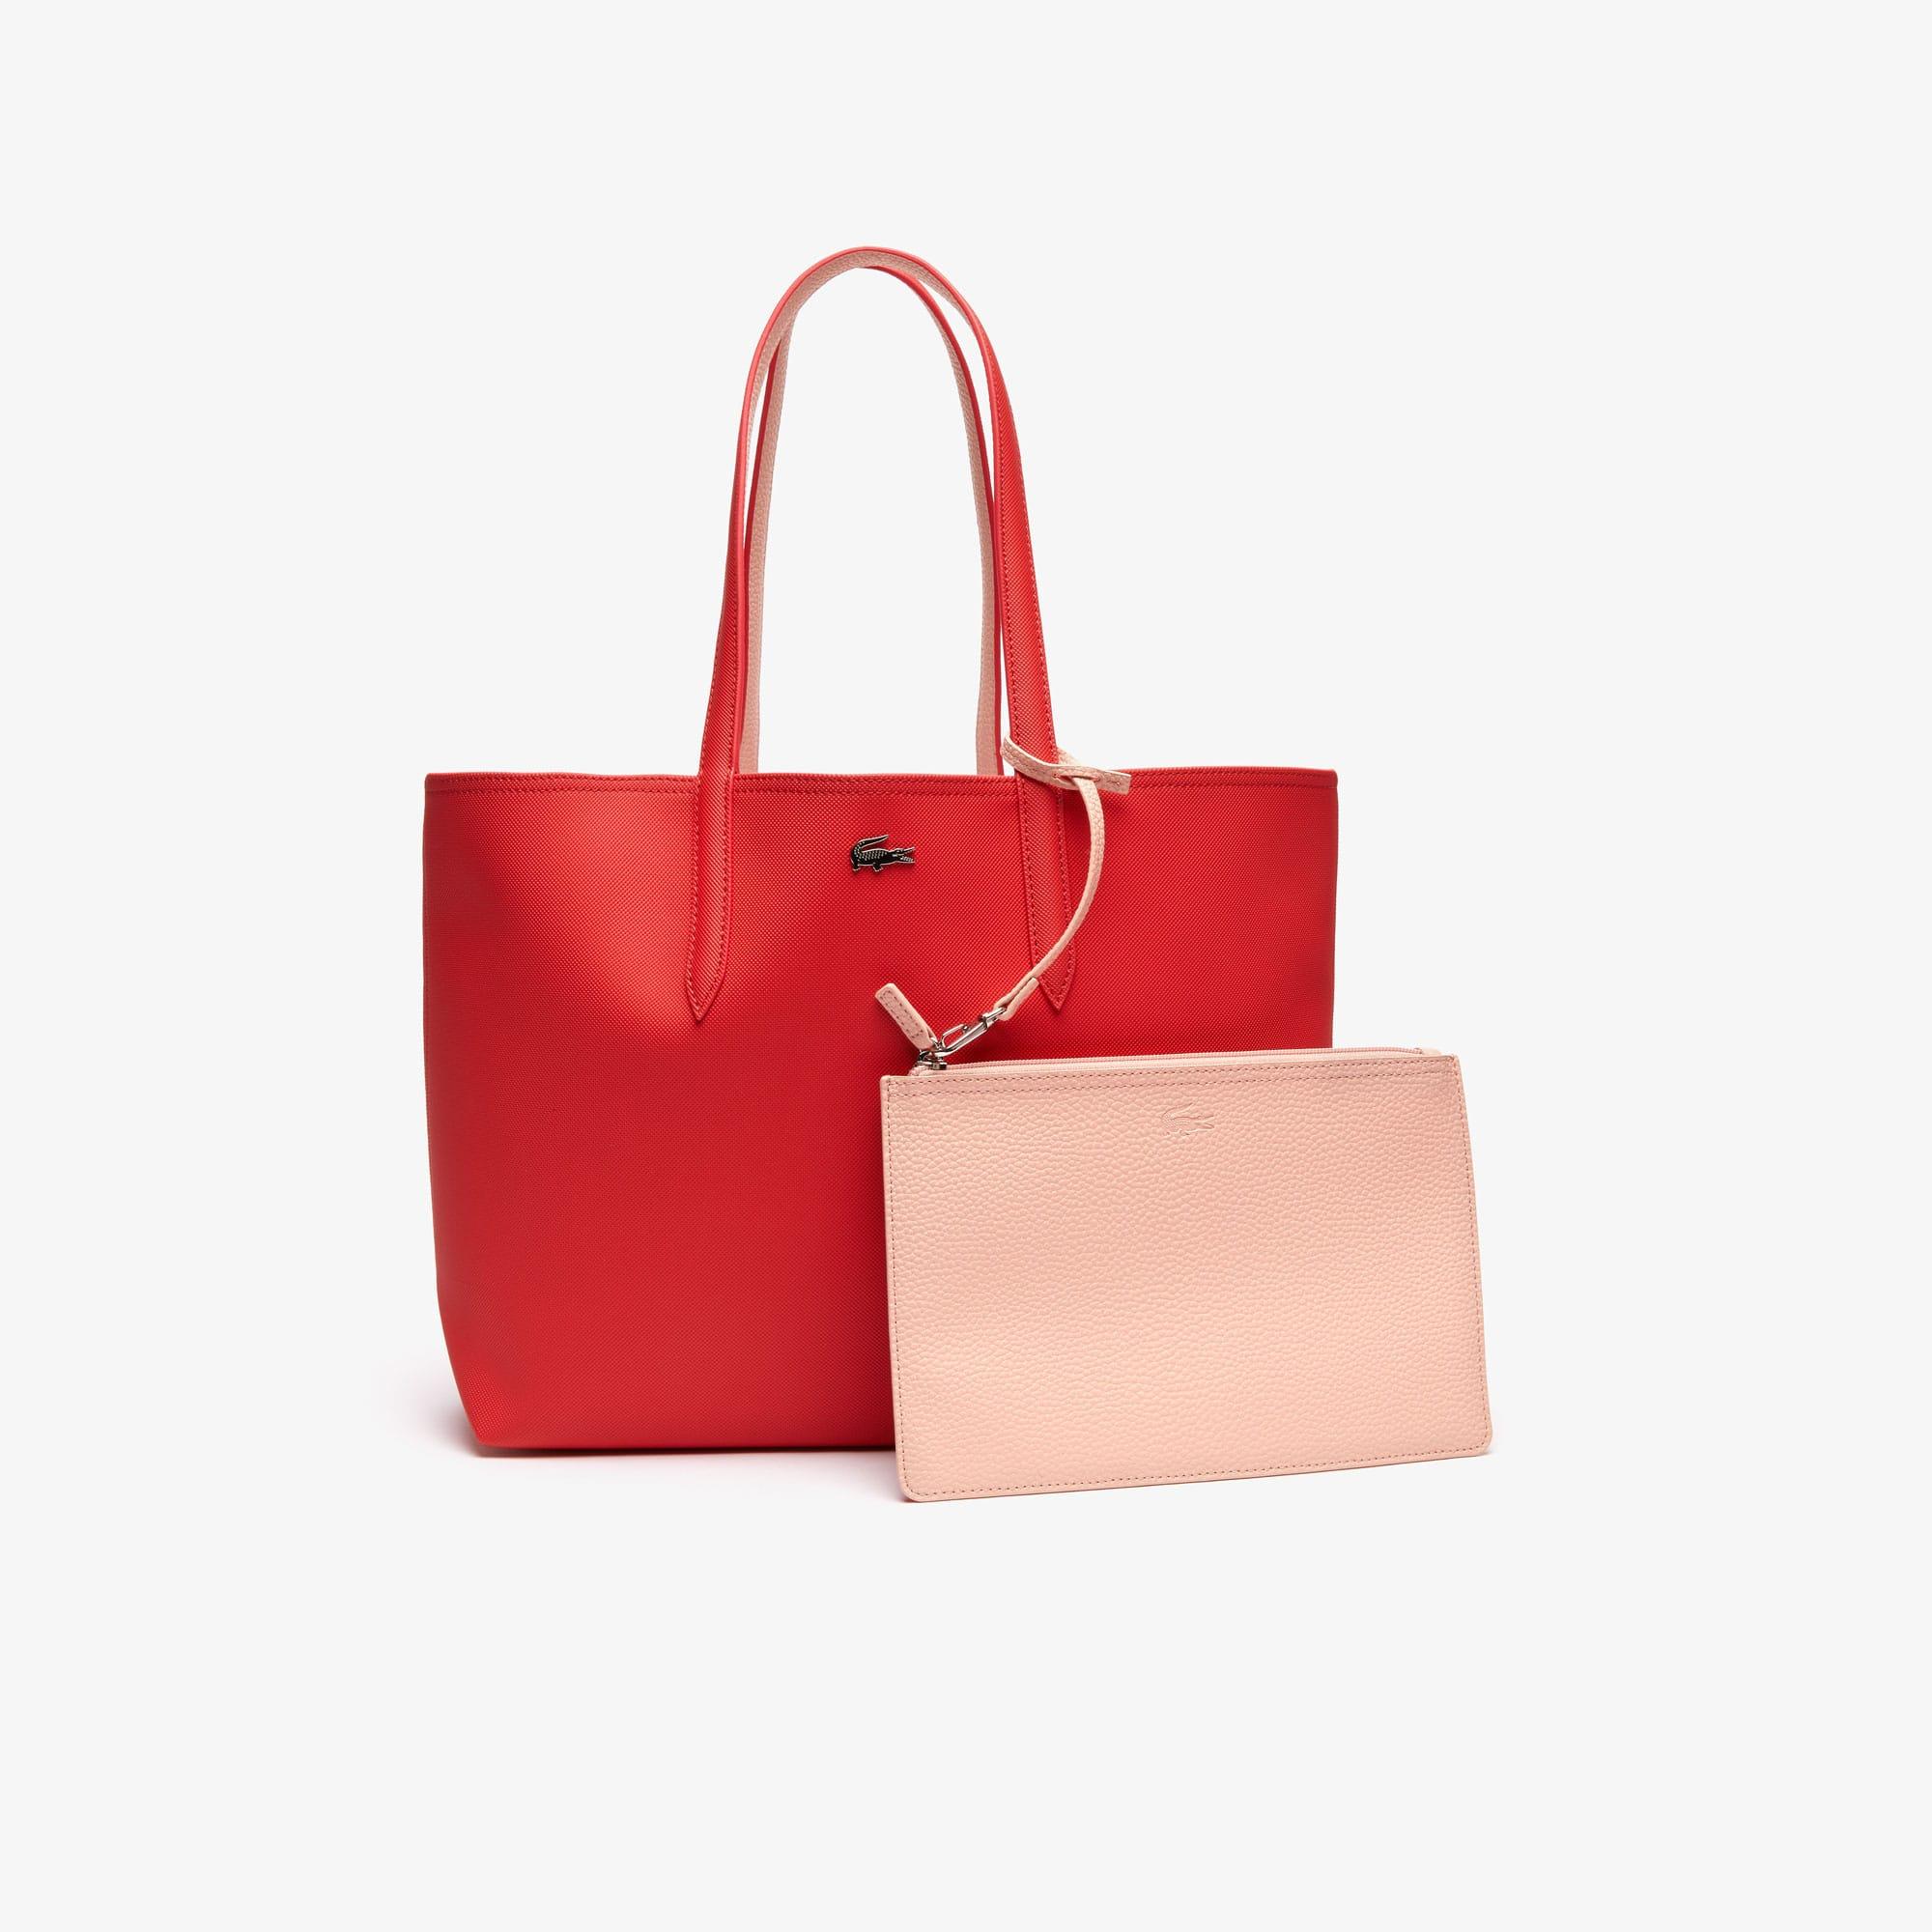 Colección de bolsos y bolsos de mano | Marroquinería para